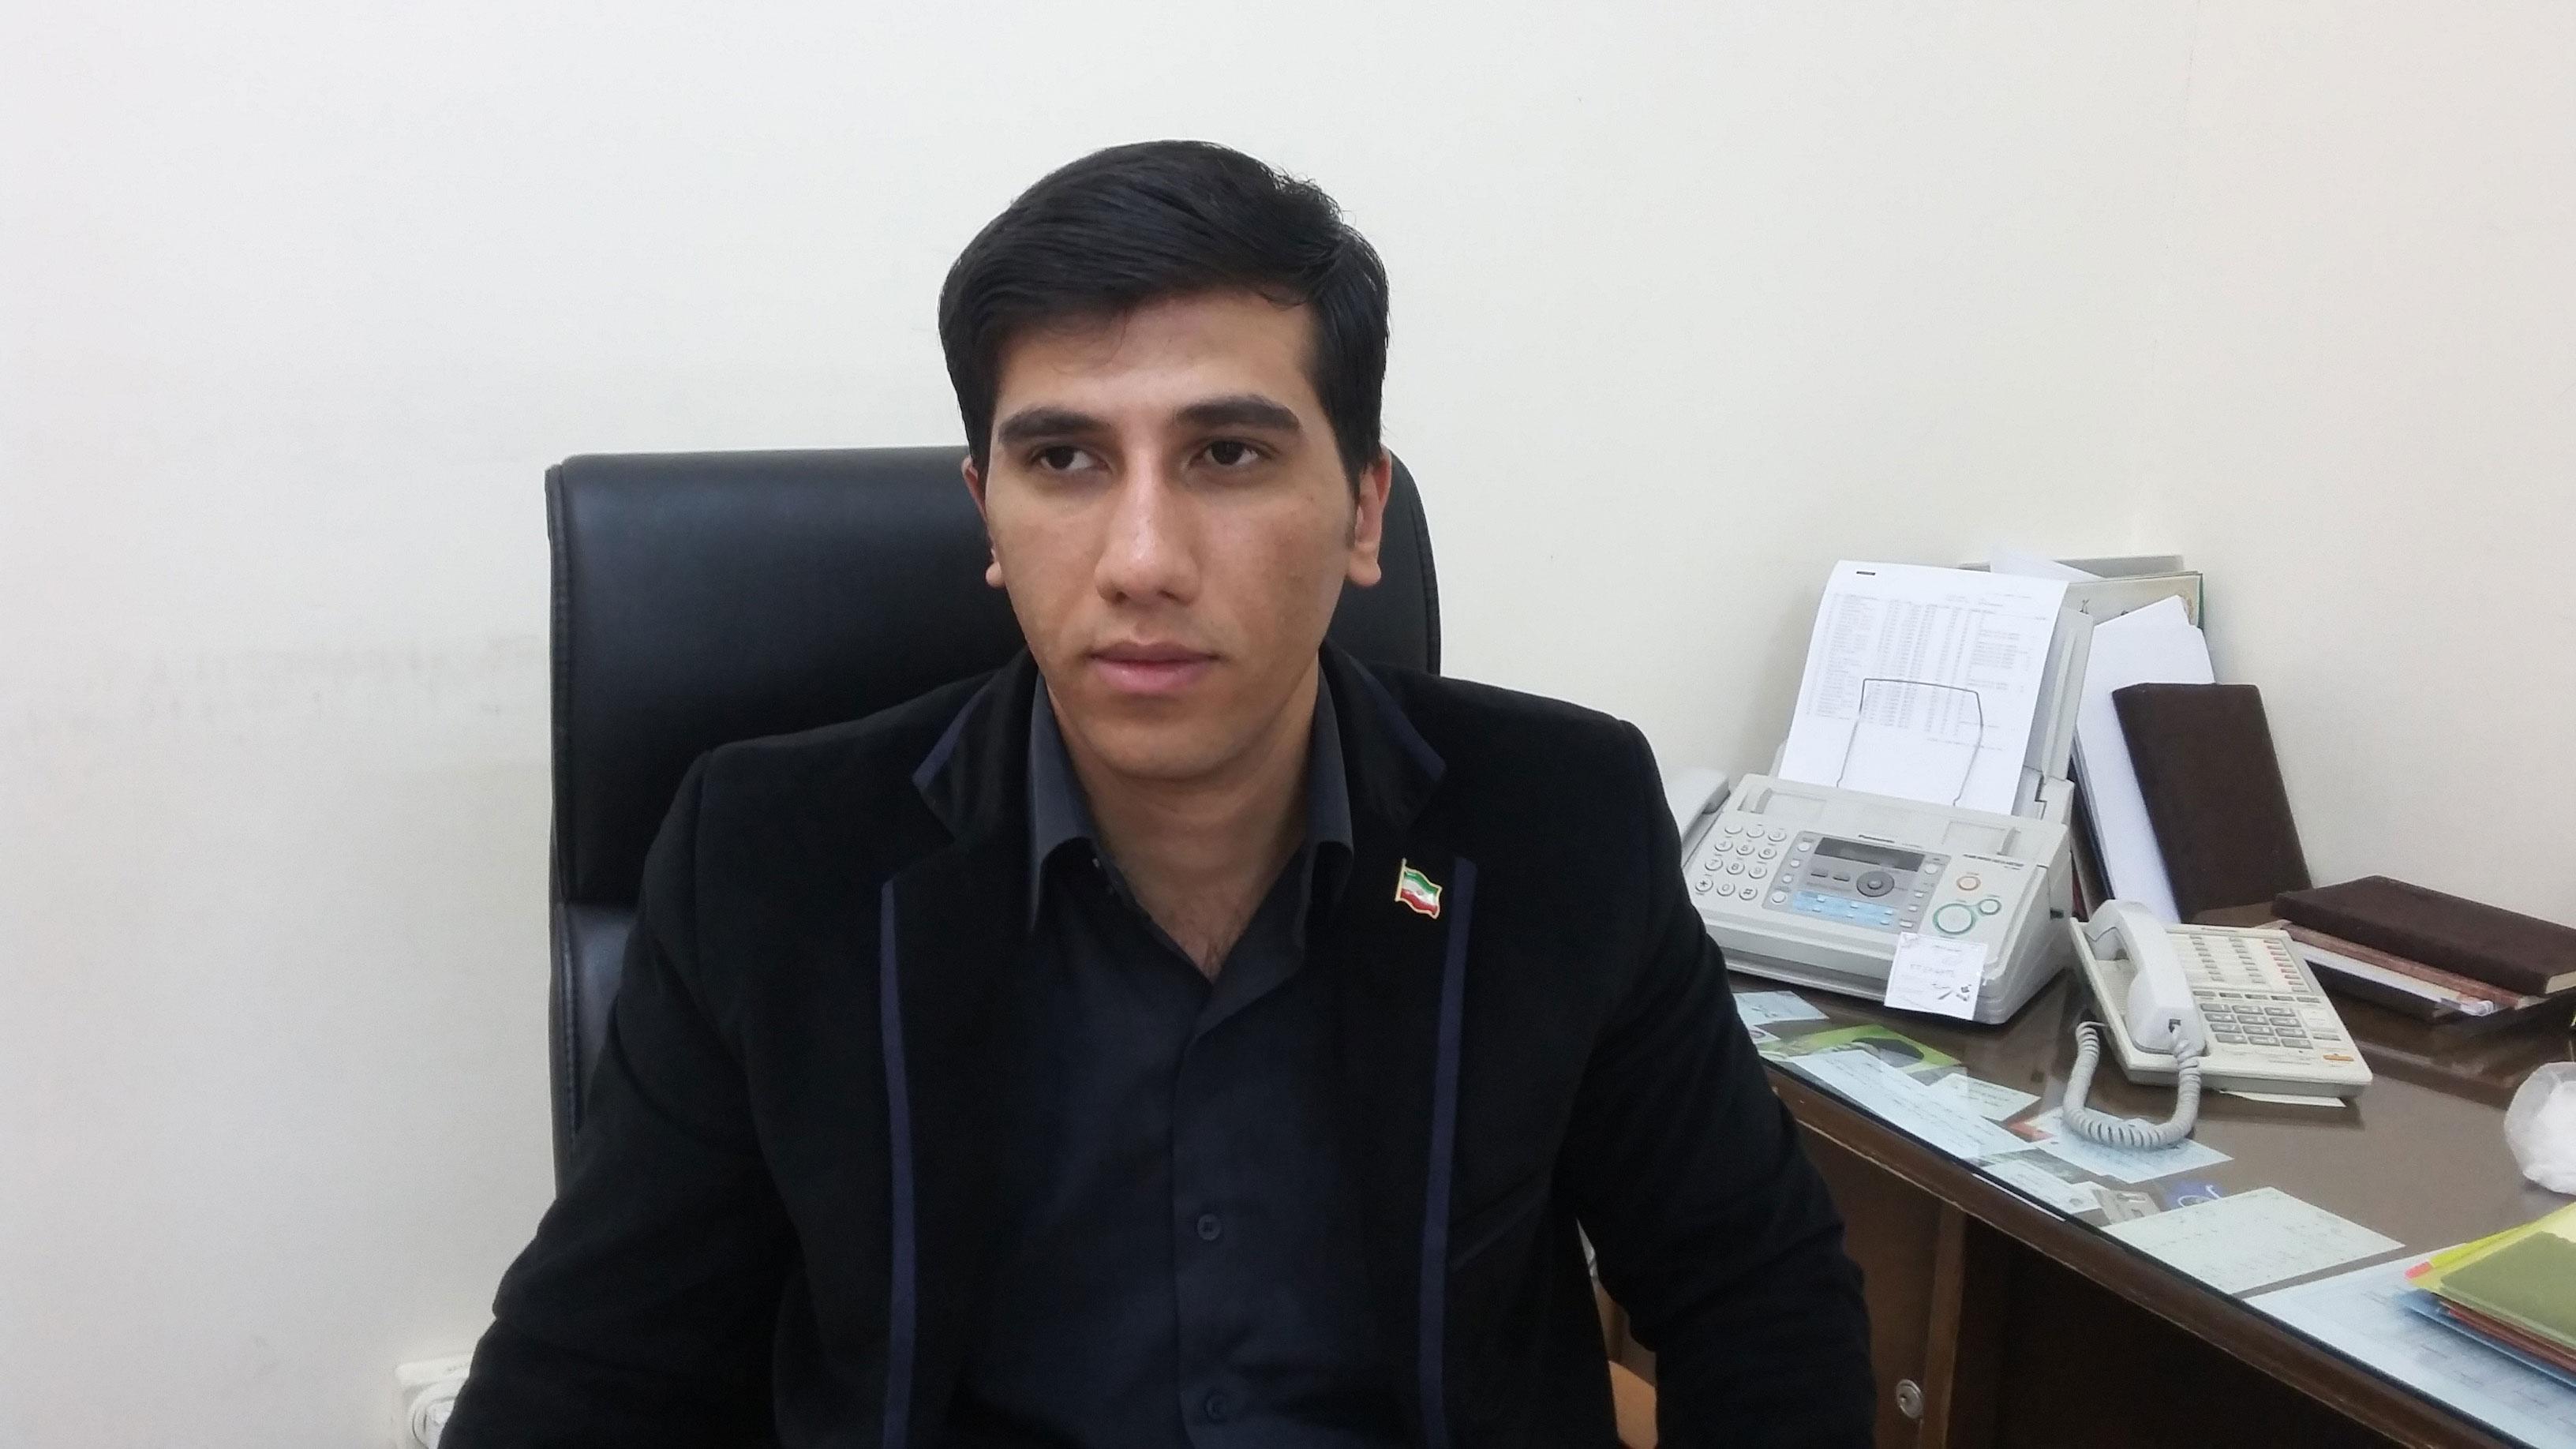 صادقی در مصاحبه با خبرگزاری دانشجو  مطرح کرد:اولین دوره مسابقات کشوری سازه  ...